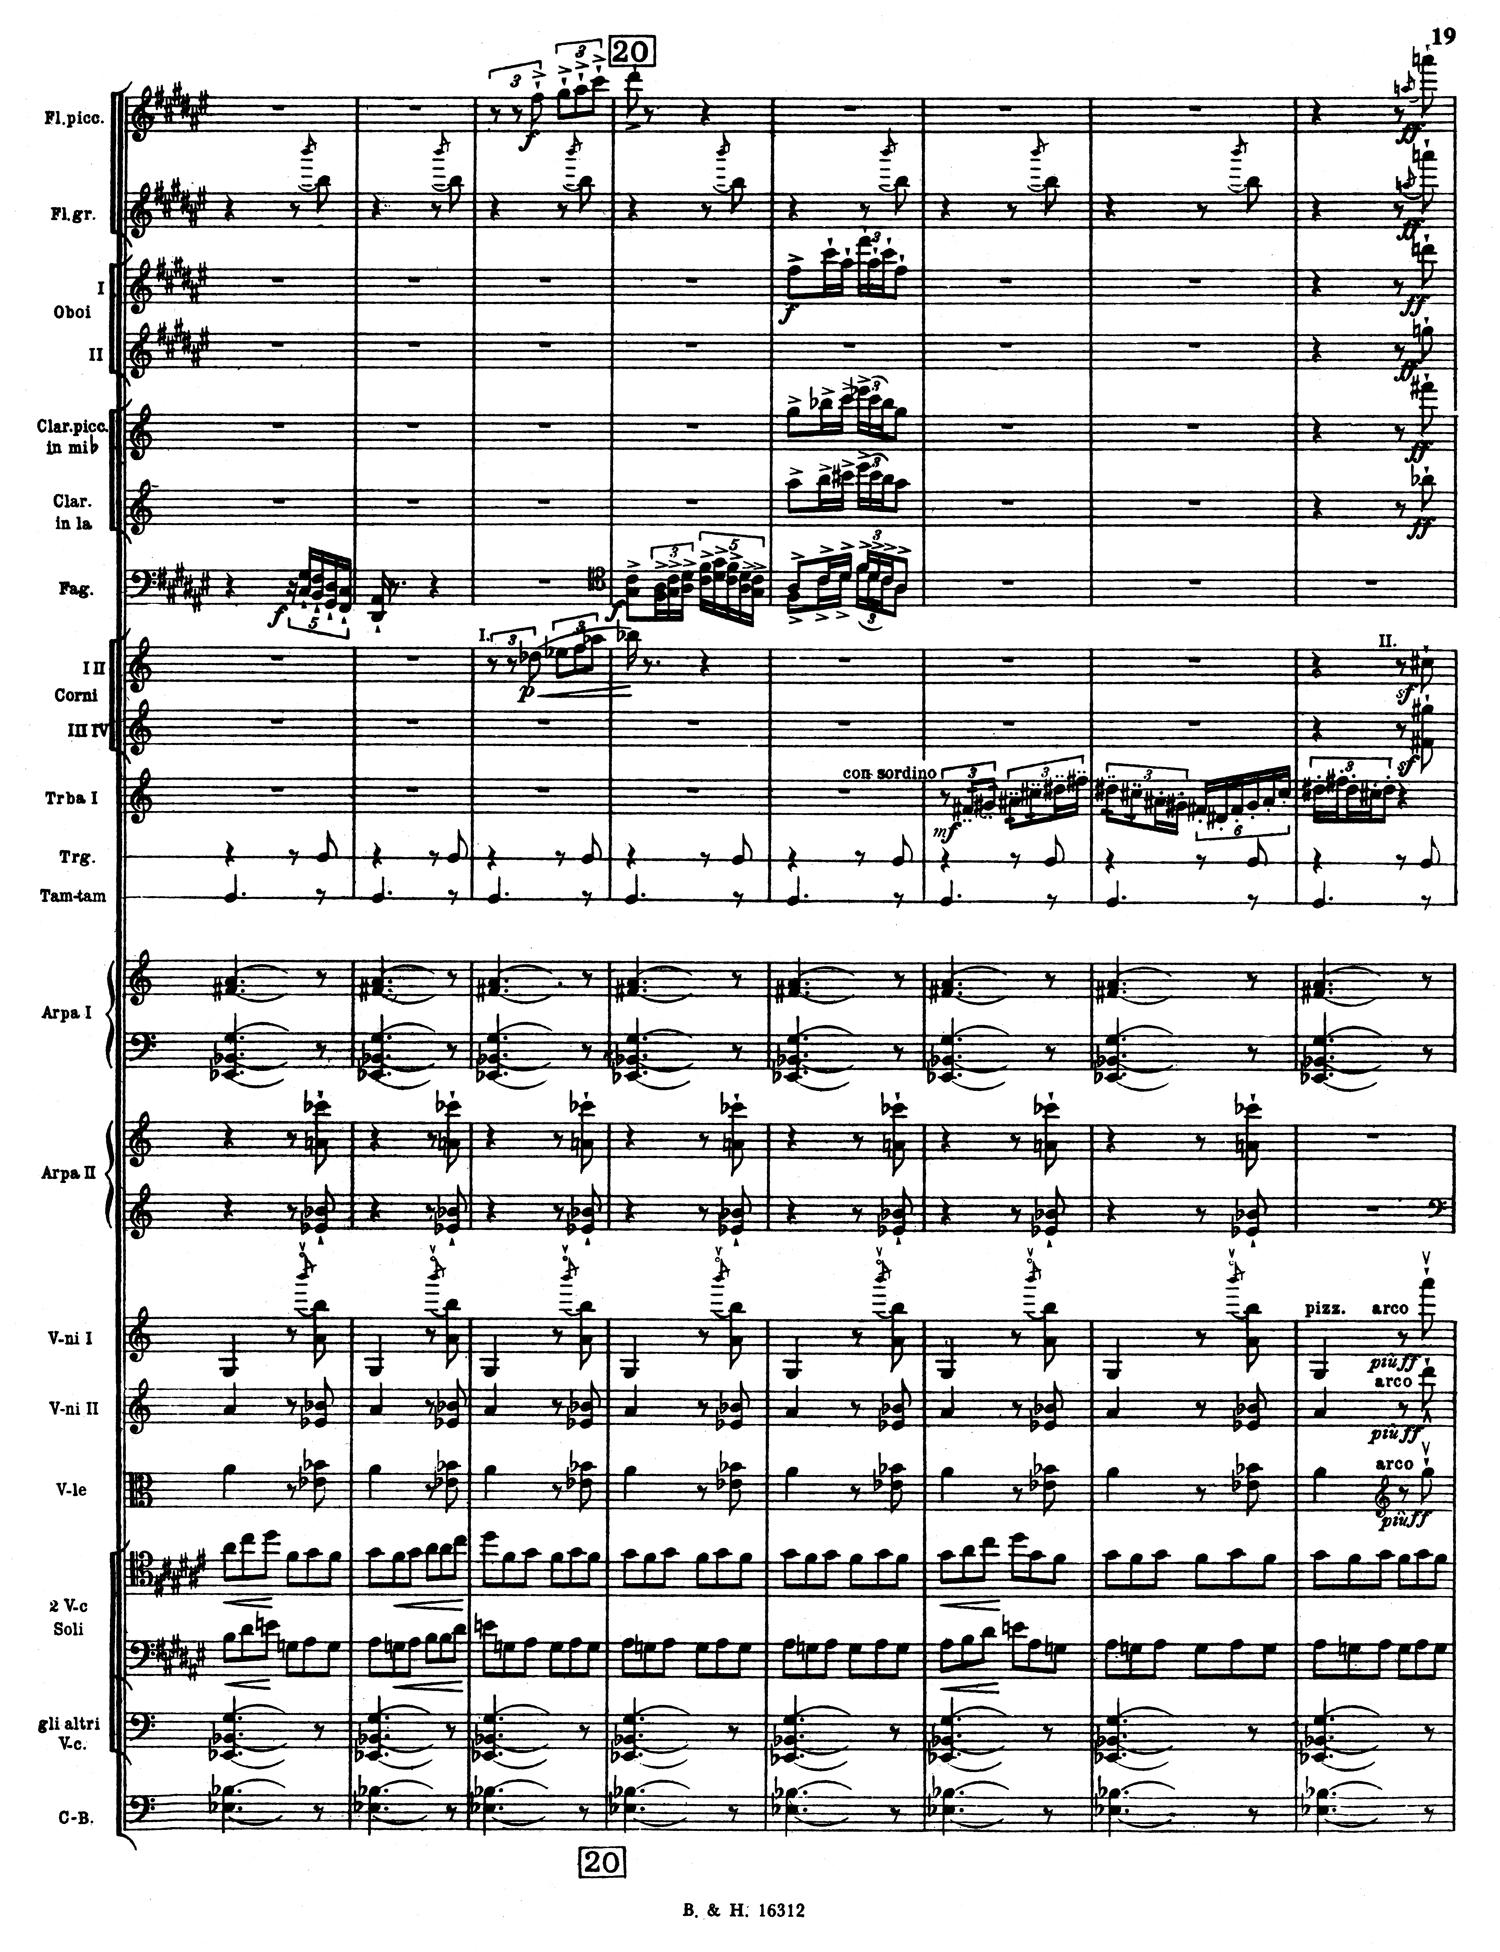 Nightingale Score 2.jpg